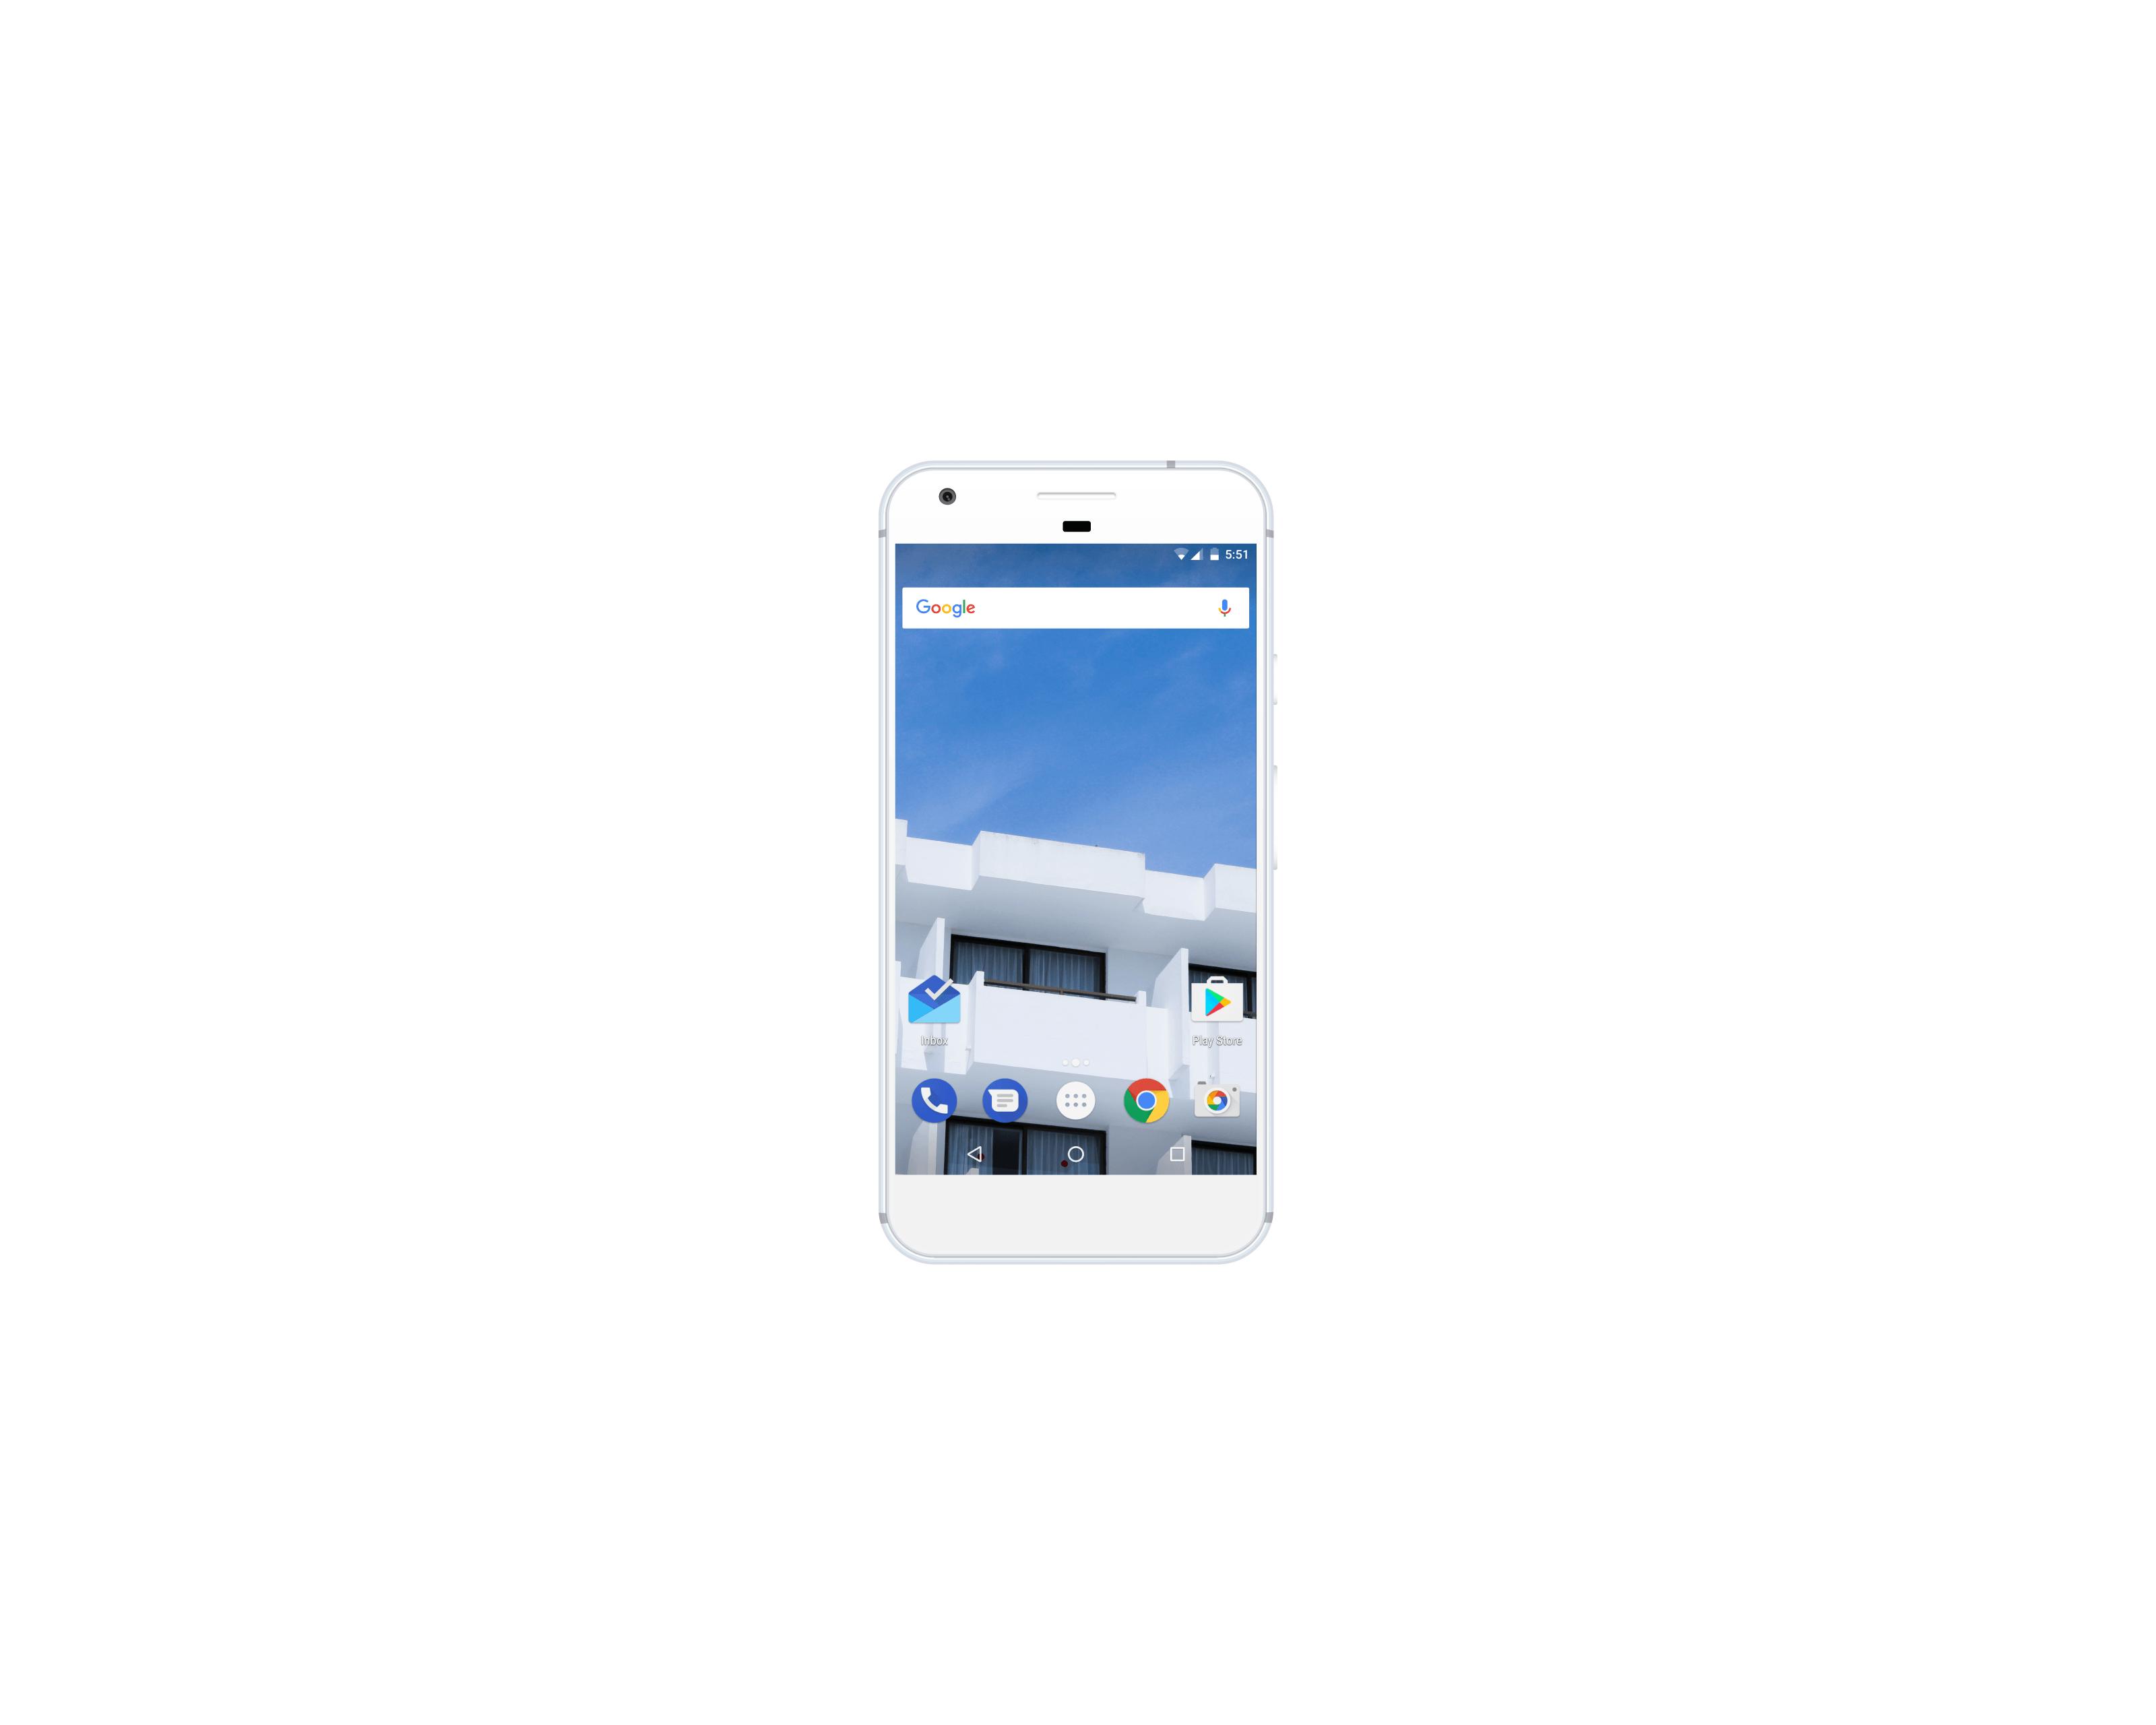 Minn – Wallpaper